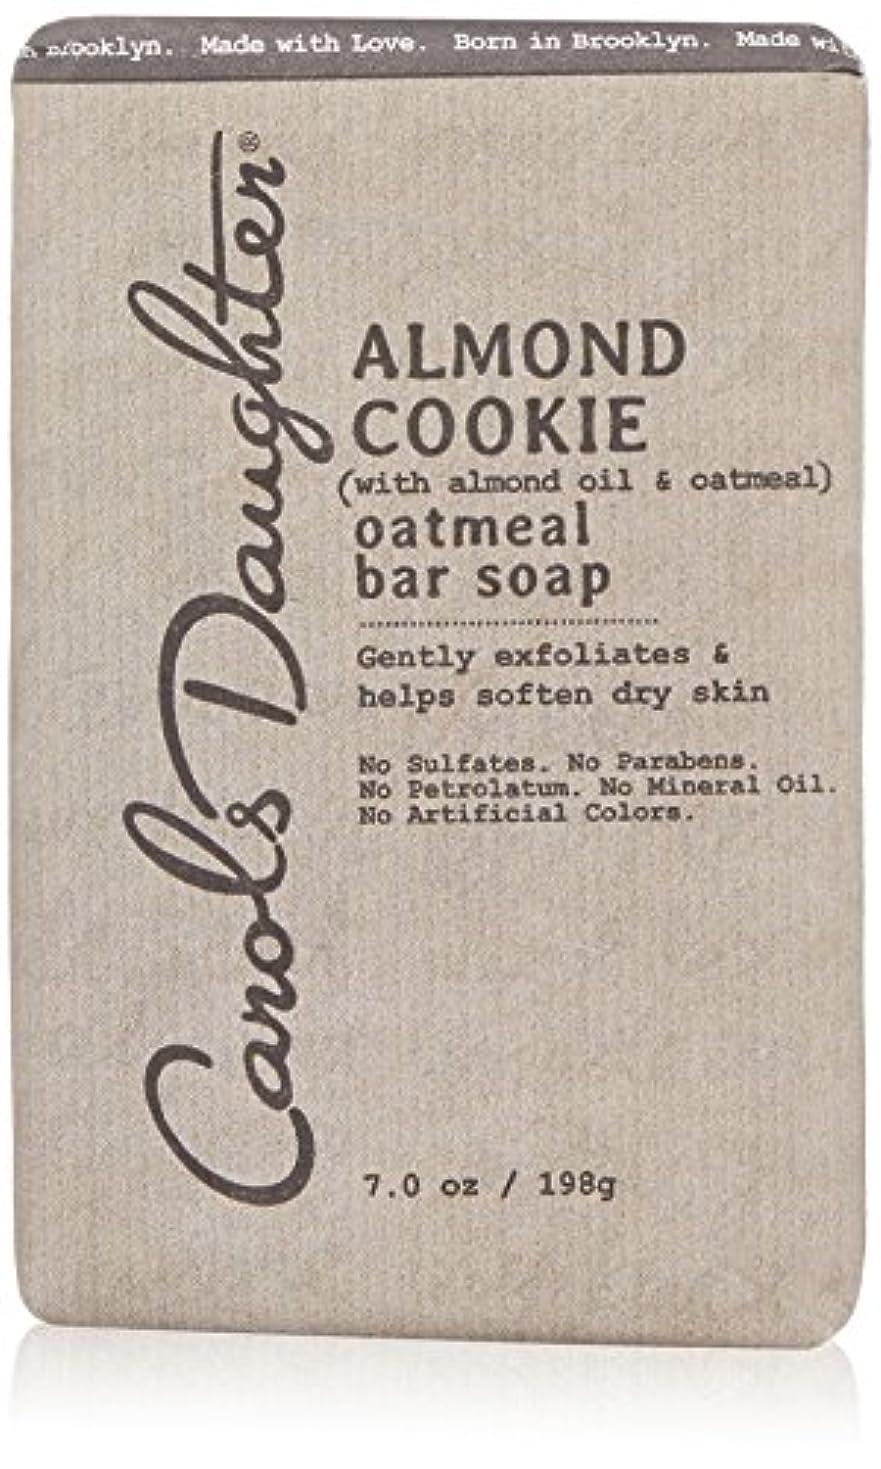 たぶん野菜お願いしますキャロルズドーター Almond Cookie Oatmeal Bar Soap 198g/7oz並行輸入品